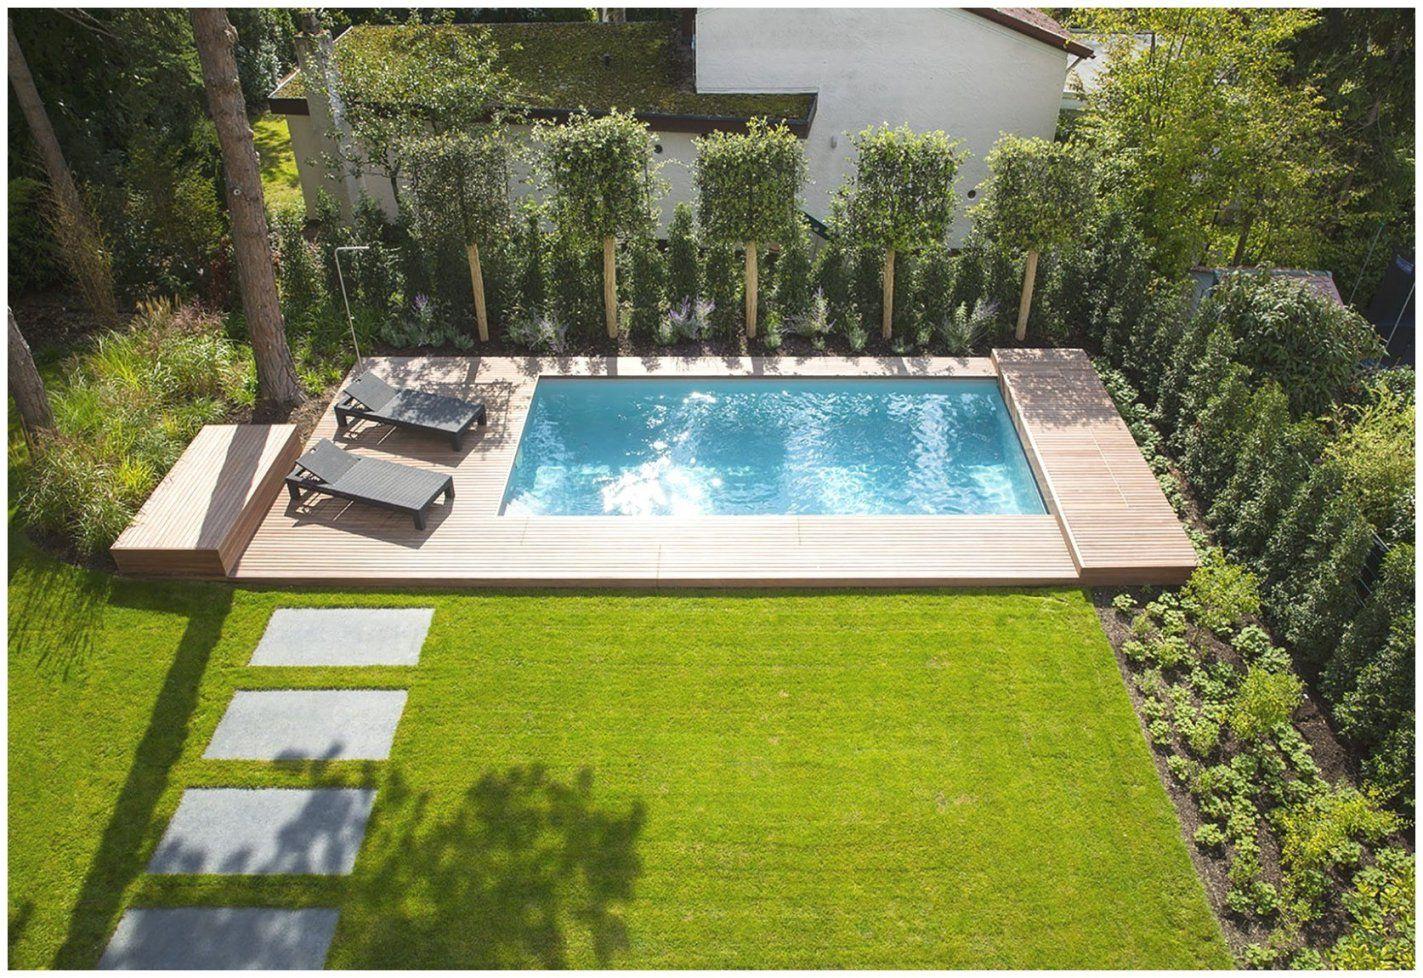 Swimmingpool Für Den Garten 452340 Verwunderlich Bilder von Garten Gestalten Mit Pool Bild